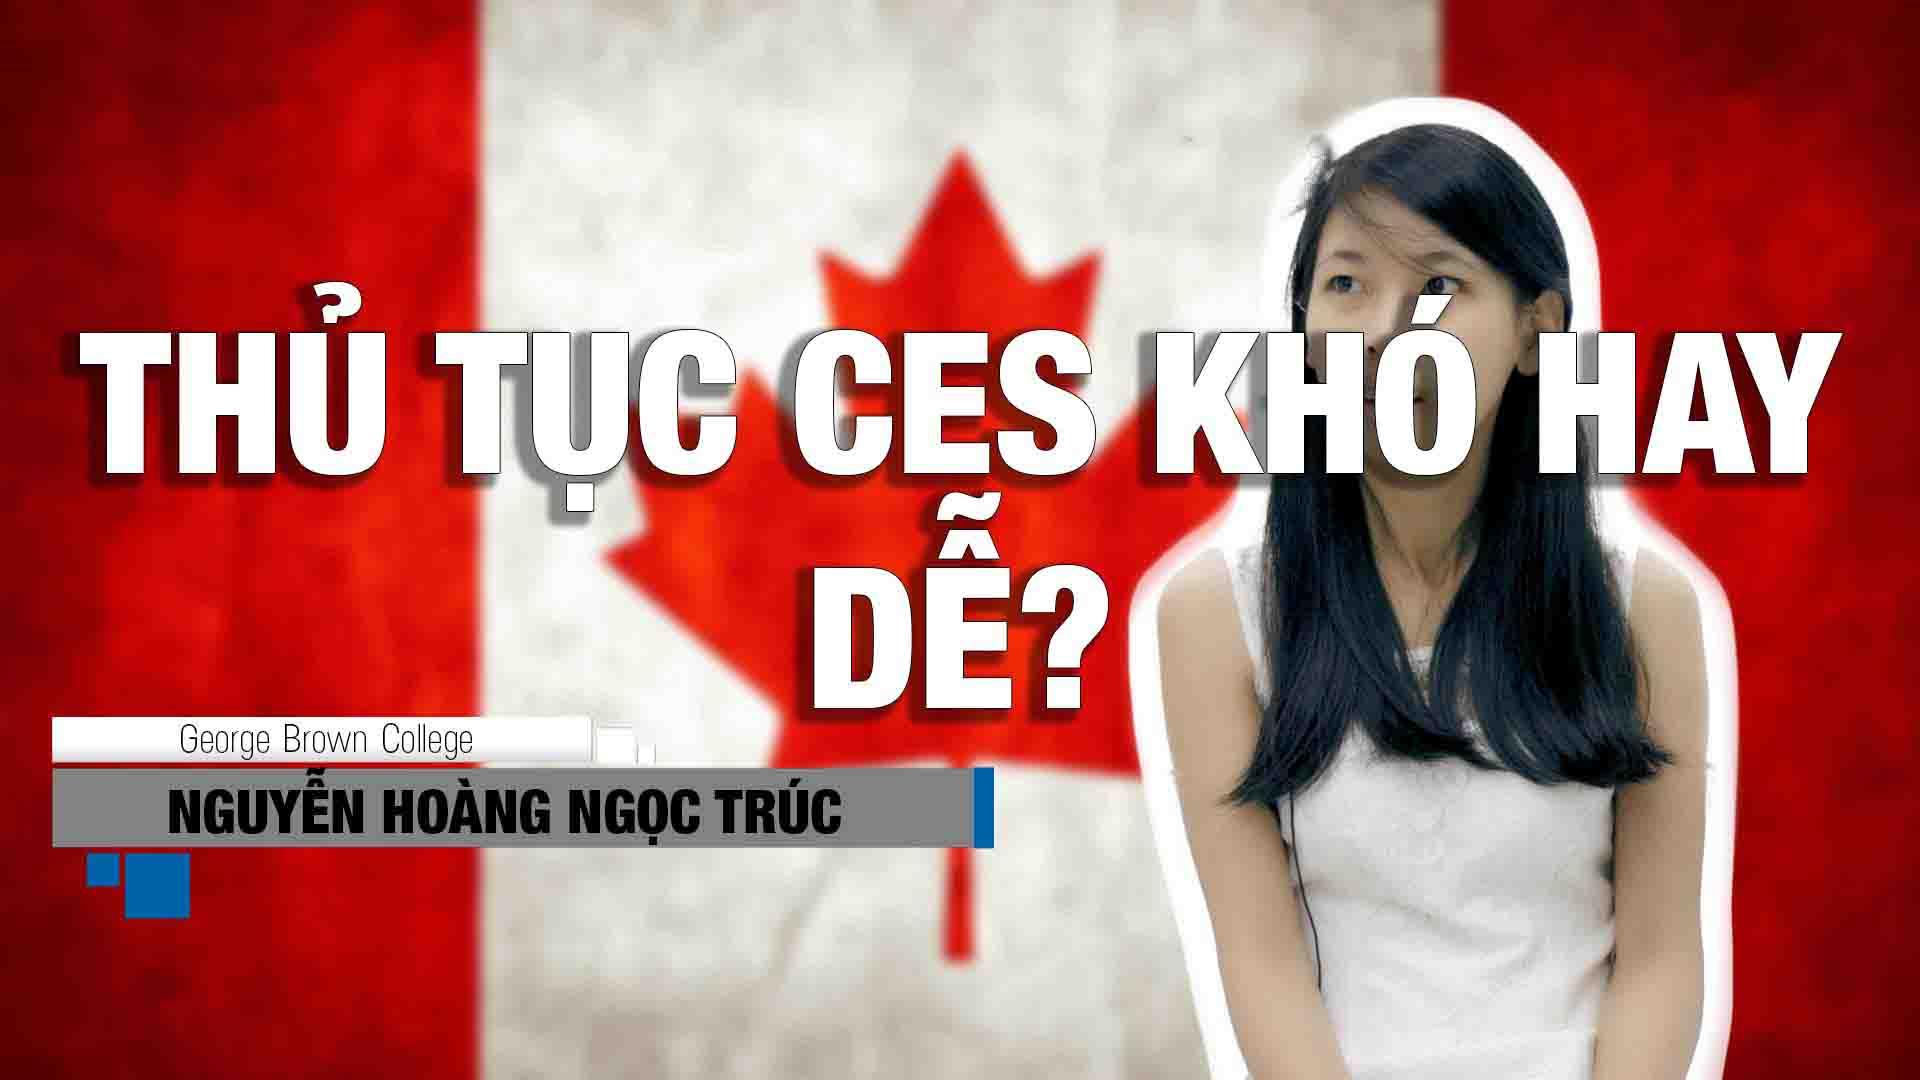 Chúng ta hãy cùng gặp lại bạn Nguyễn Hoàng Ngọc Trúc, SV trường Geogre Brown College (Toronto, Canada) trong những chia sẻ rất thật về thủ tục làm visa du học Canada không chứng minh tài chính CES.